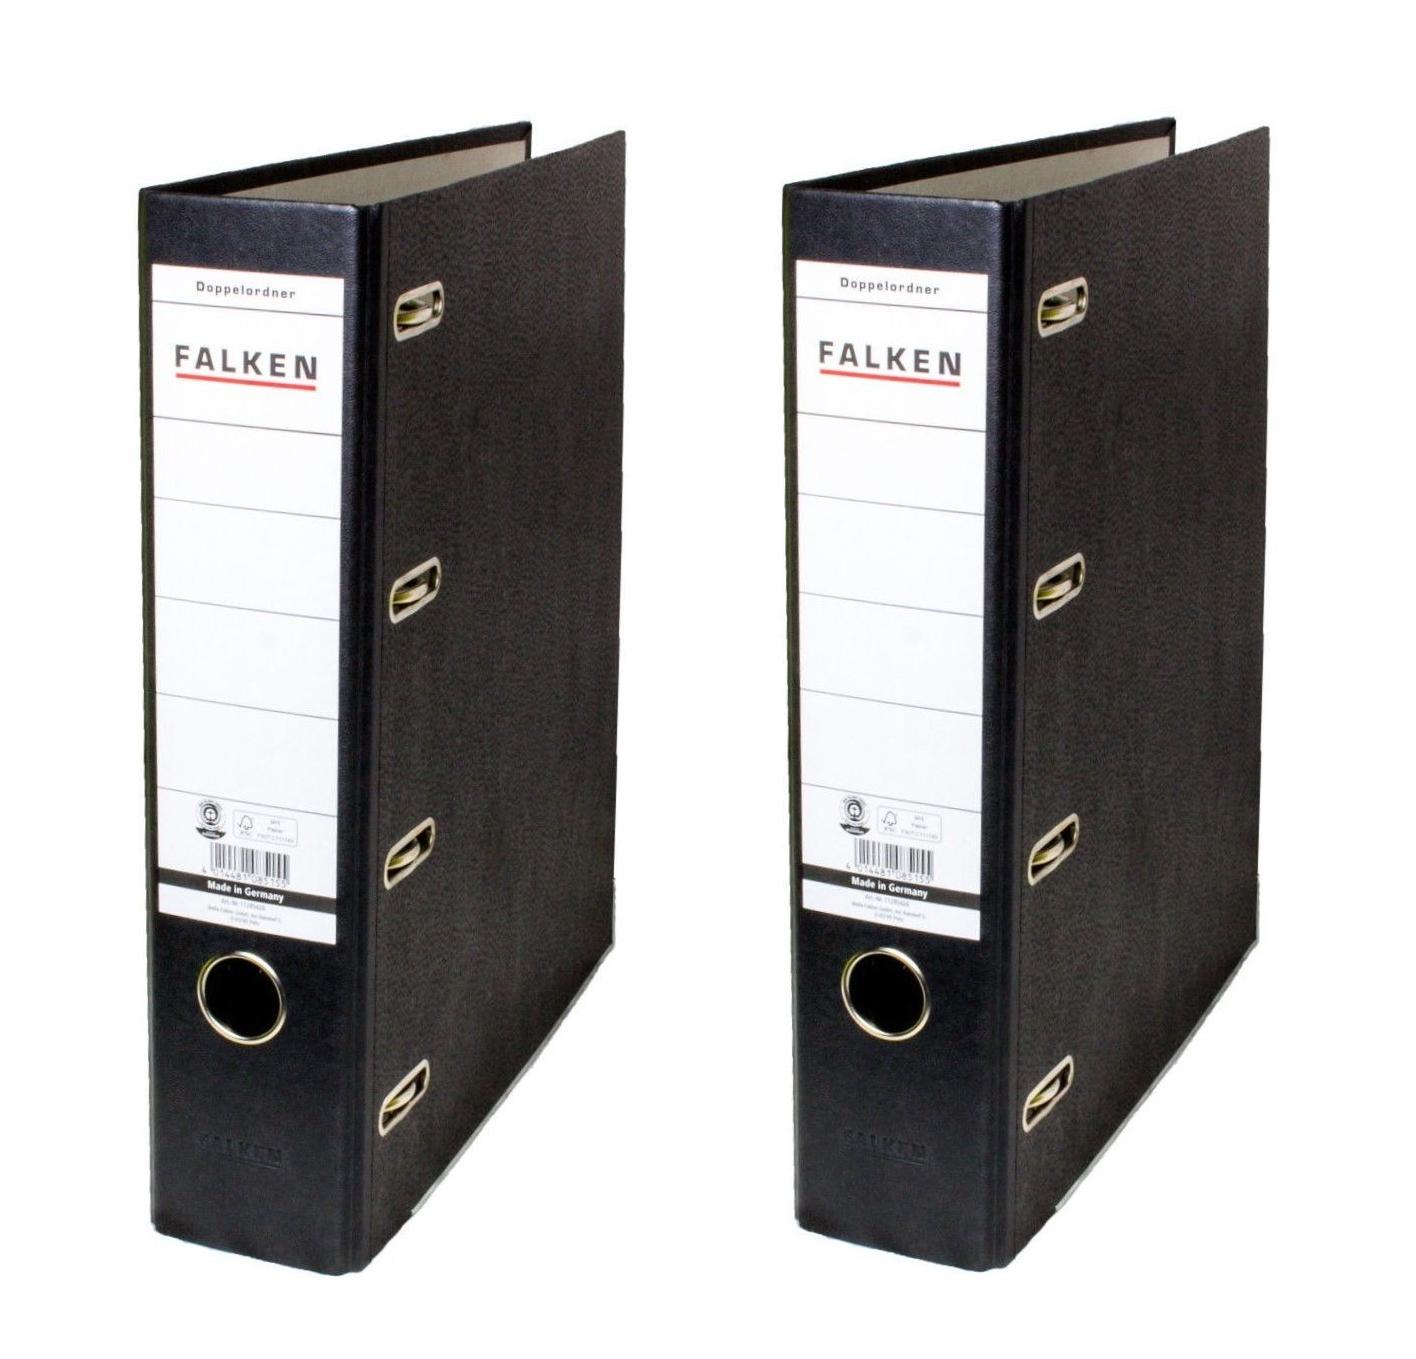 2 x Falken Doppelordner schwarz 2 x A5 quer 70mm für Kontoauszüge